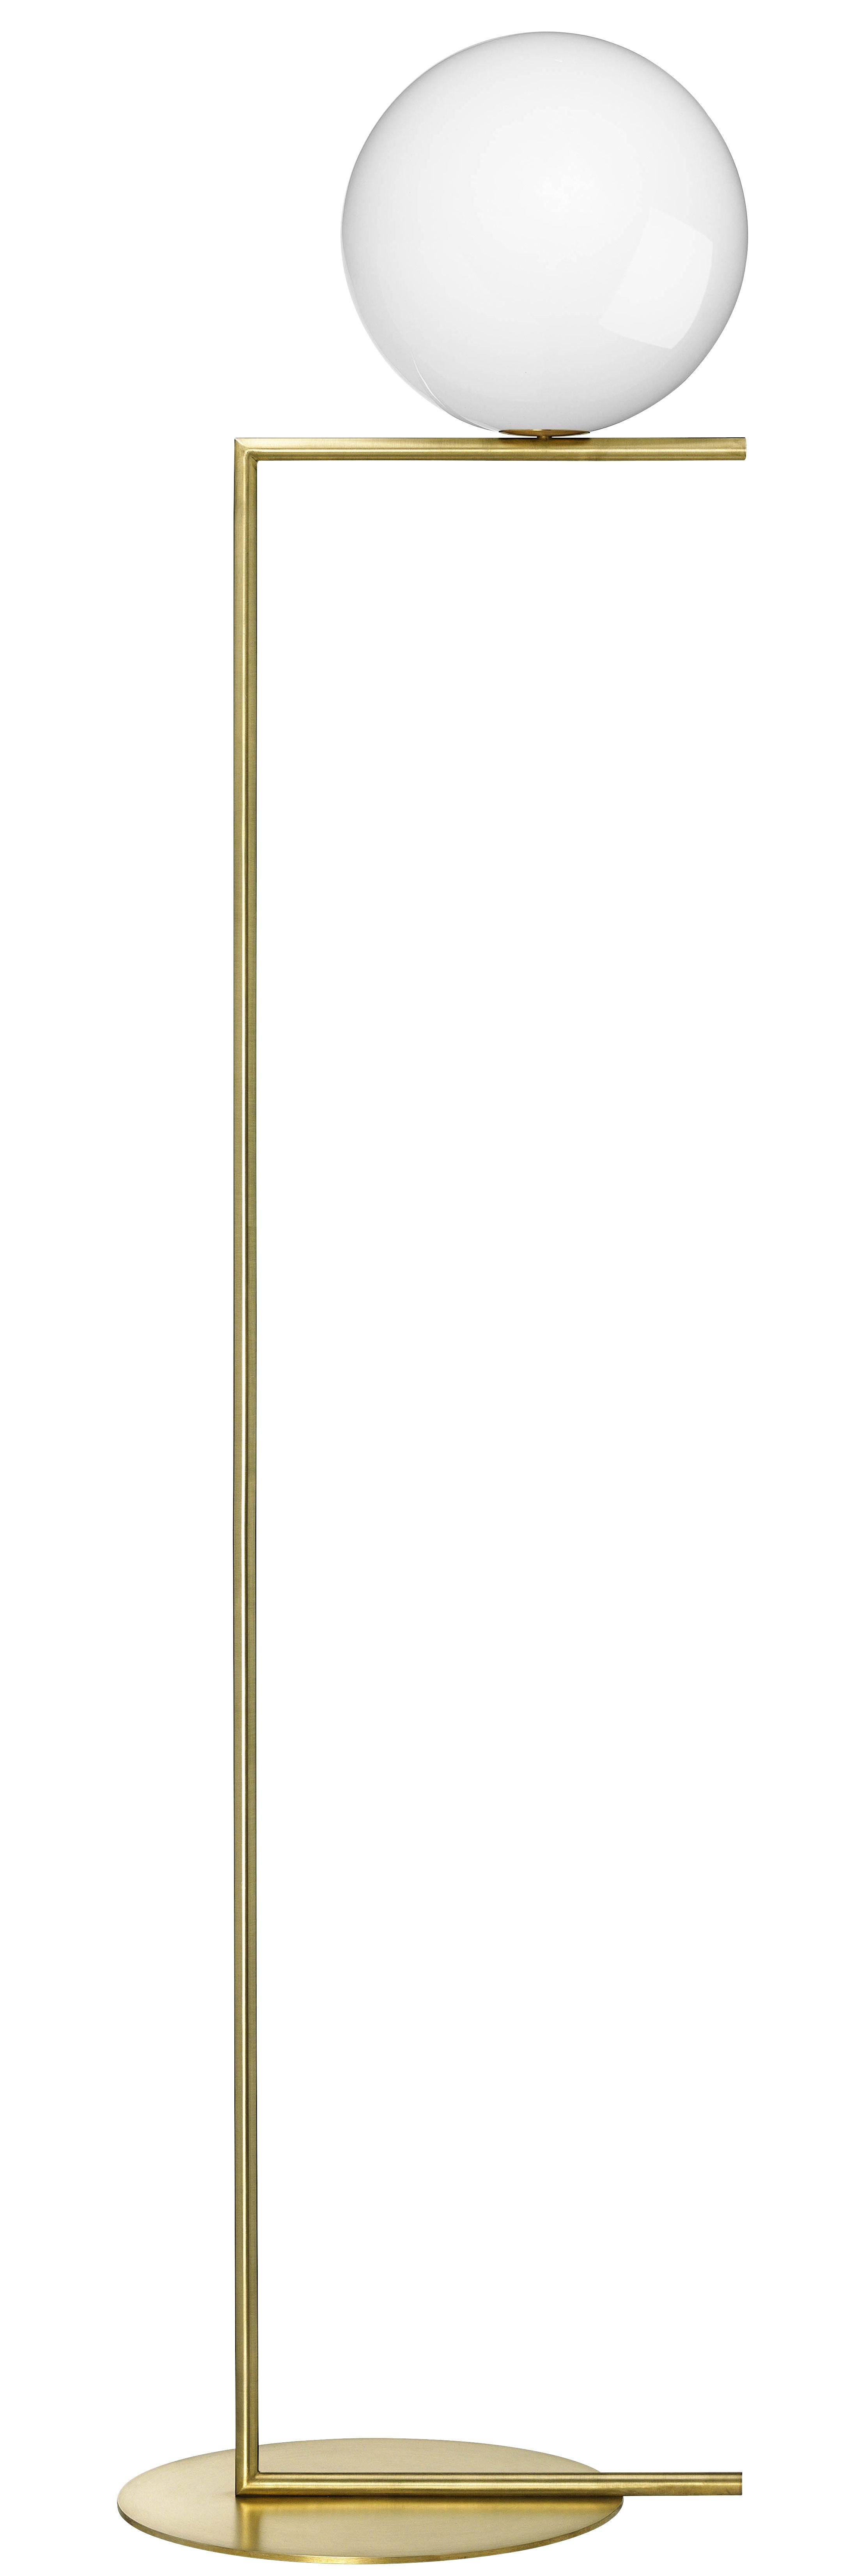 Luminaire - Lampadaires - Lampadaire IC F2 / H 185,2 cm - Flos - Laiton - Acier, Verre soufflé